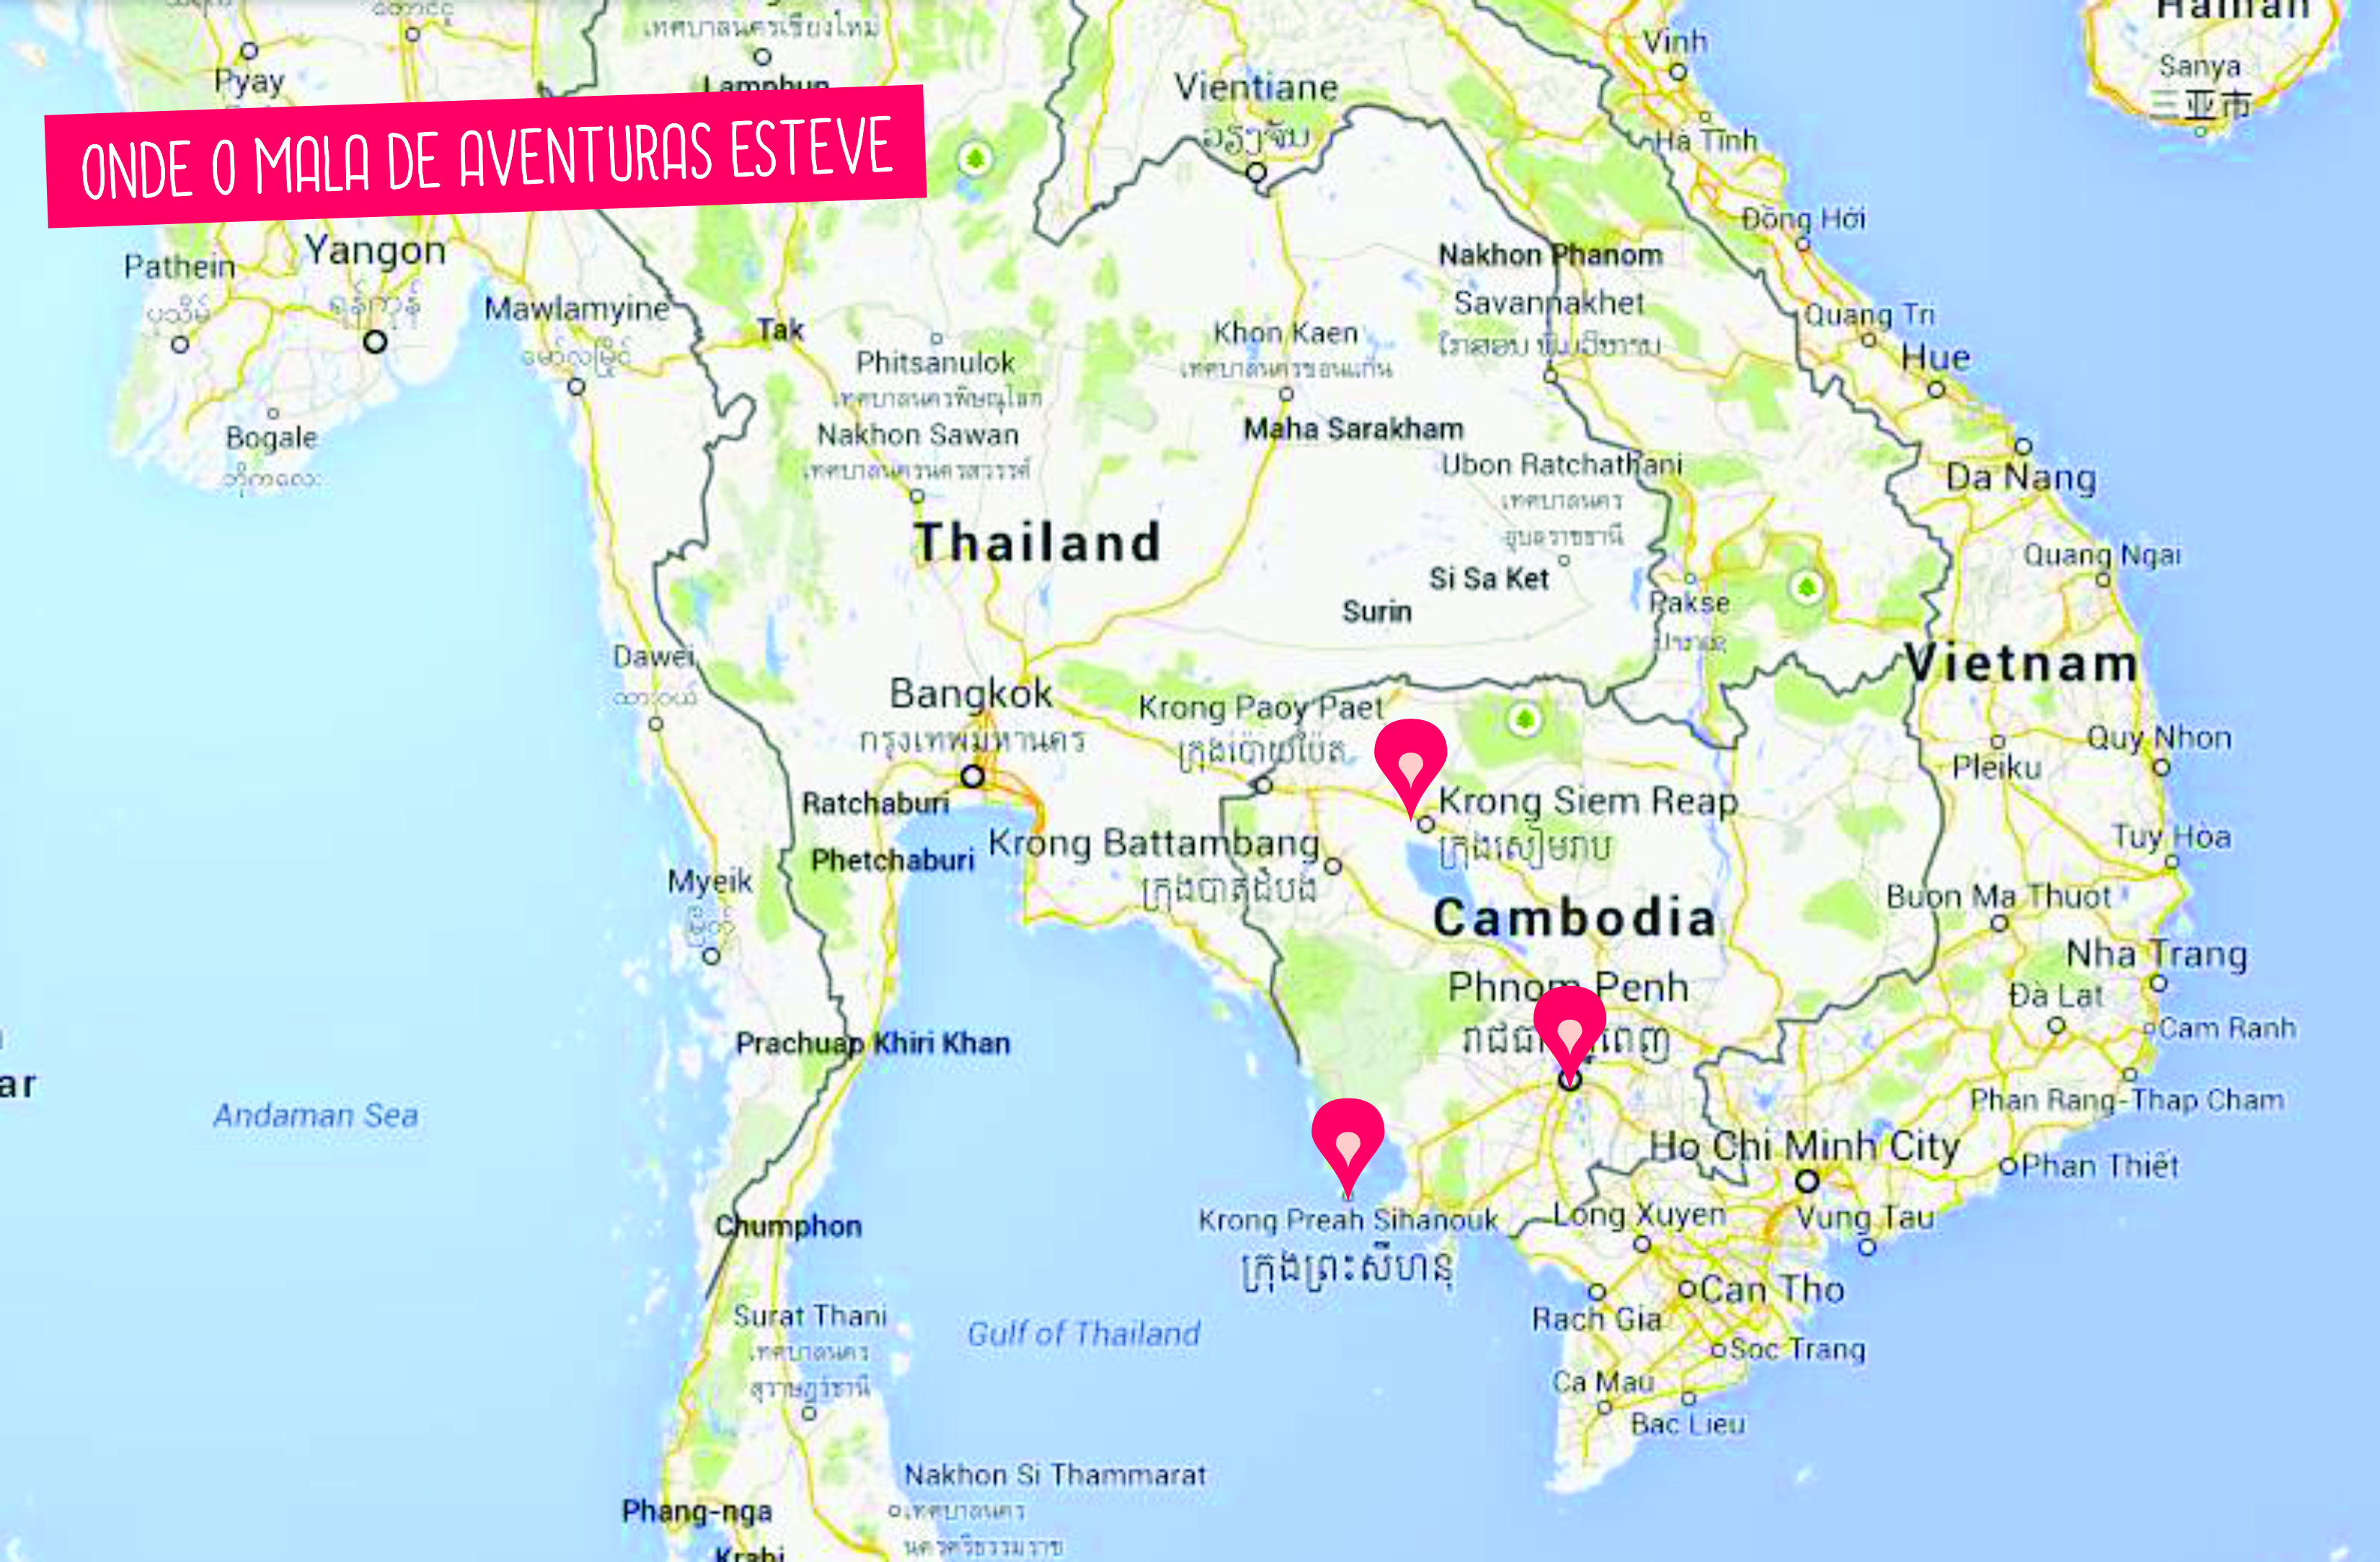 mapa cambodia